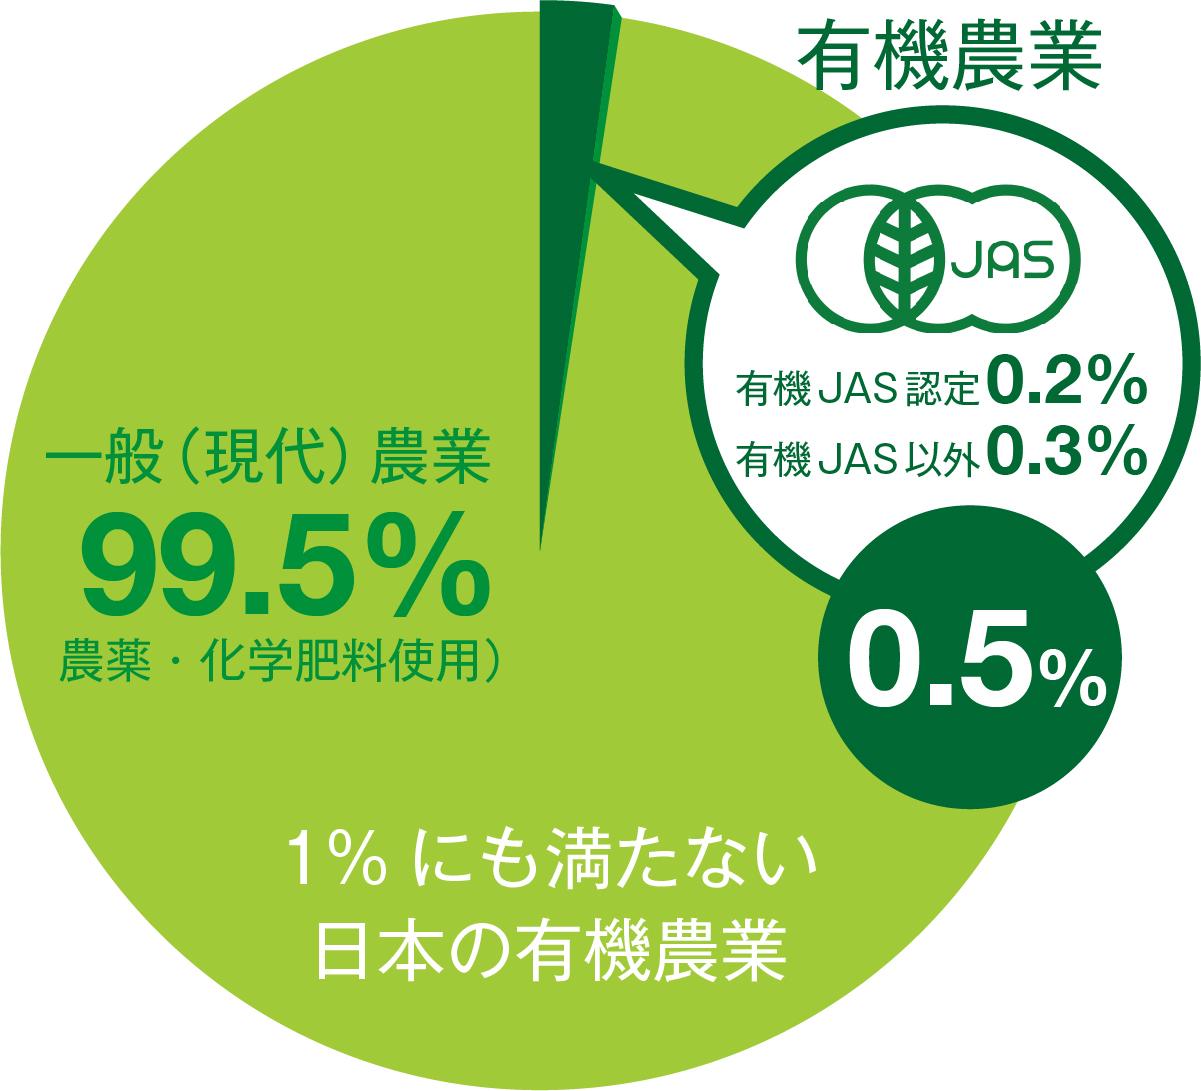 日本の農業における有機農業の占める割合は0.5%